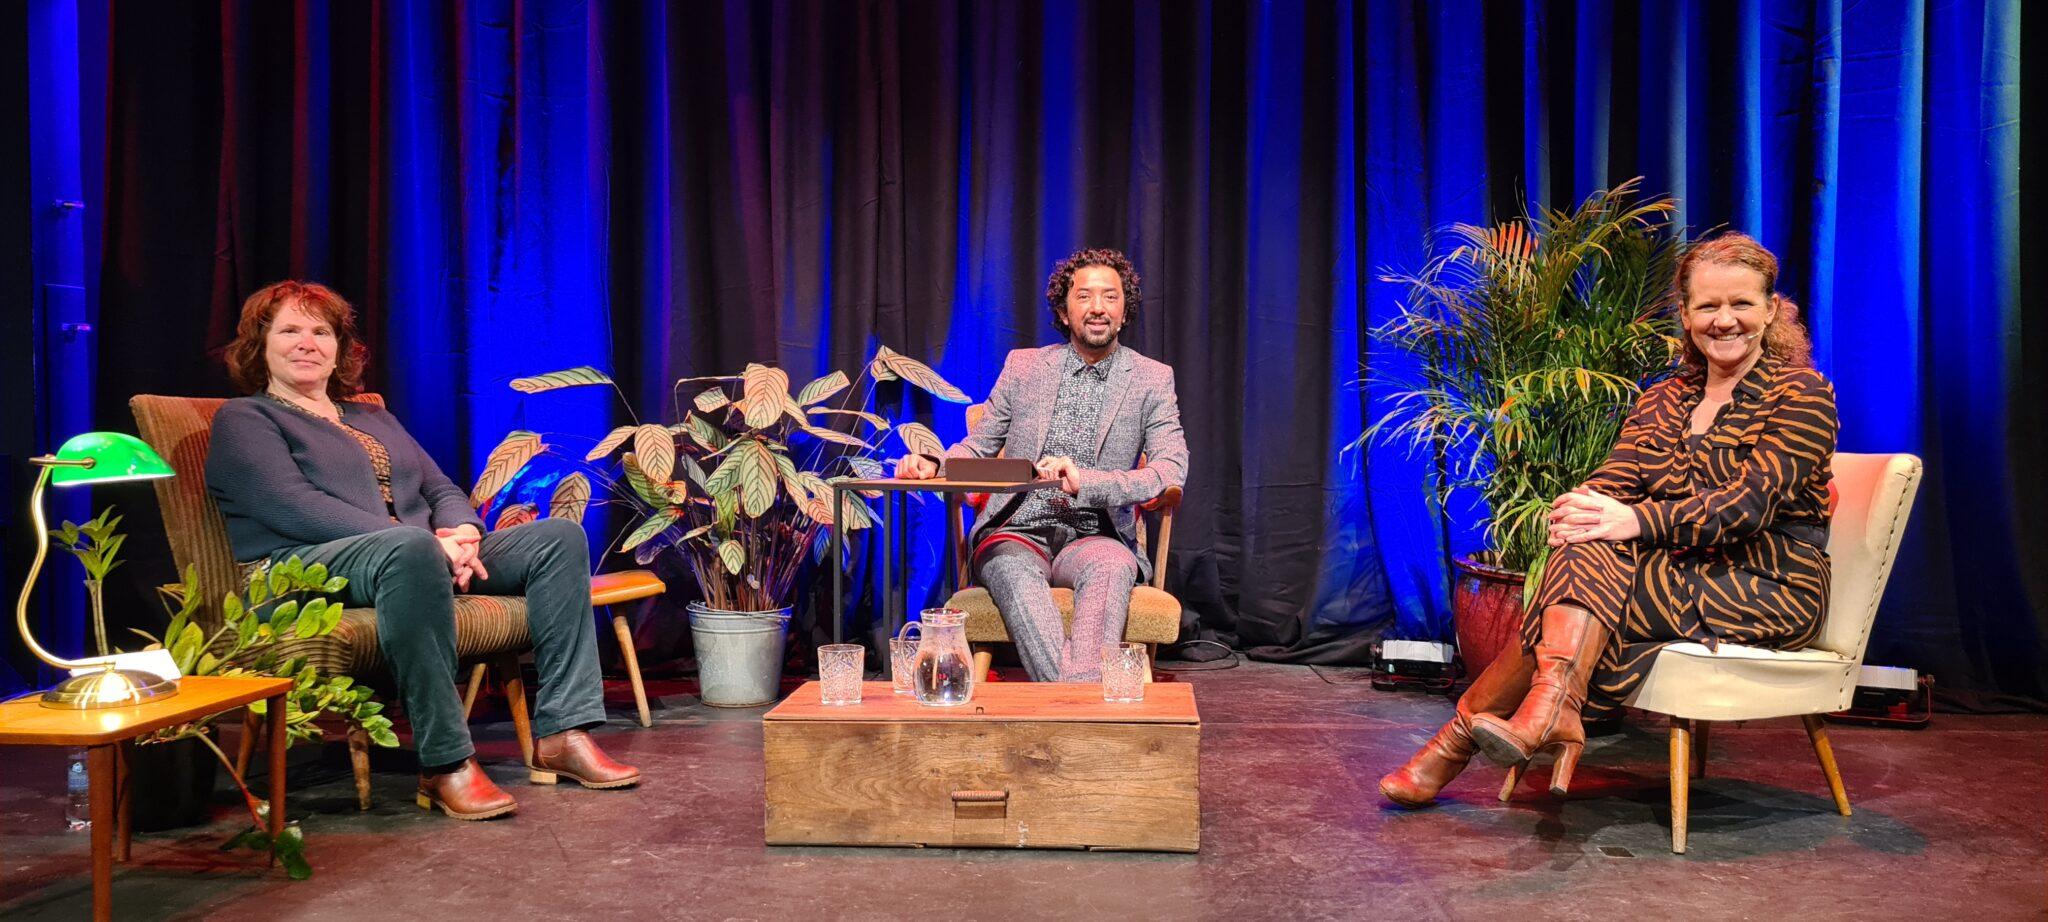 Saskia Maas, Willie Snijder en Jorgen Tjon in gesprek met elkaar